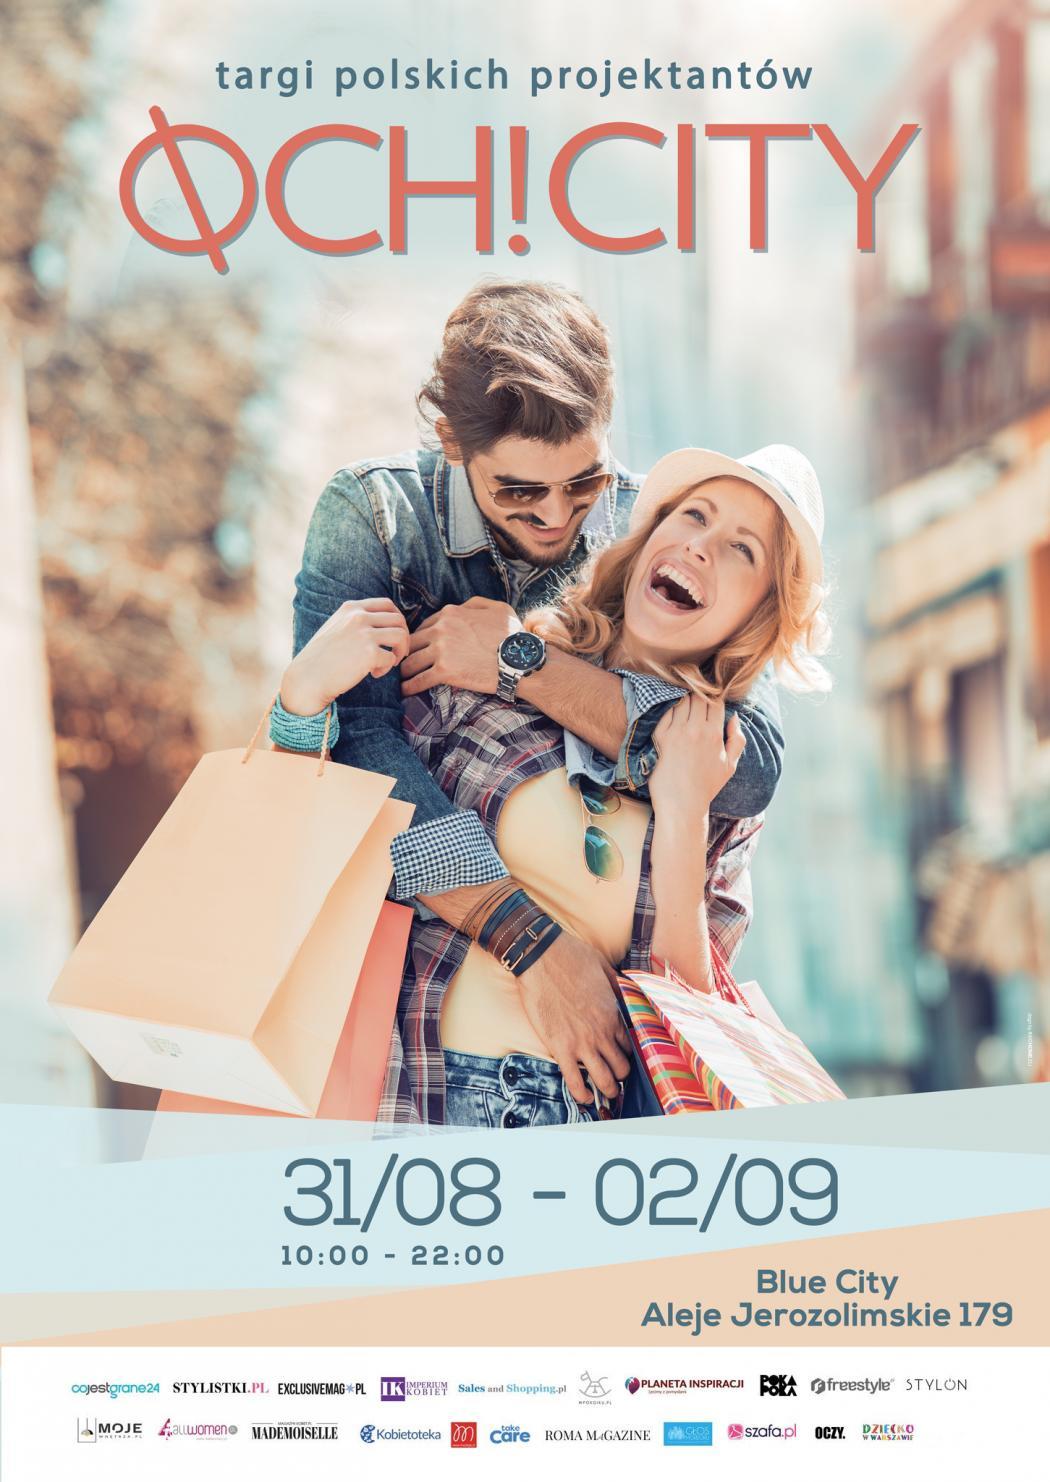 magazynkobiet.pl - A1 ochcity 0818 1050x1482 - OCH! CITY - TARGI POLSKICH PROJEKTANTÓW 31.08-2.09.2018 | Warszawa